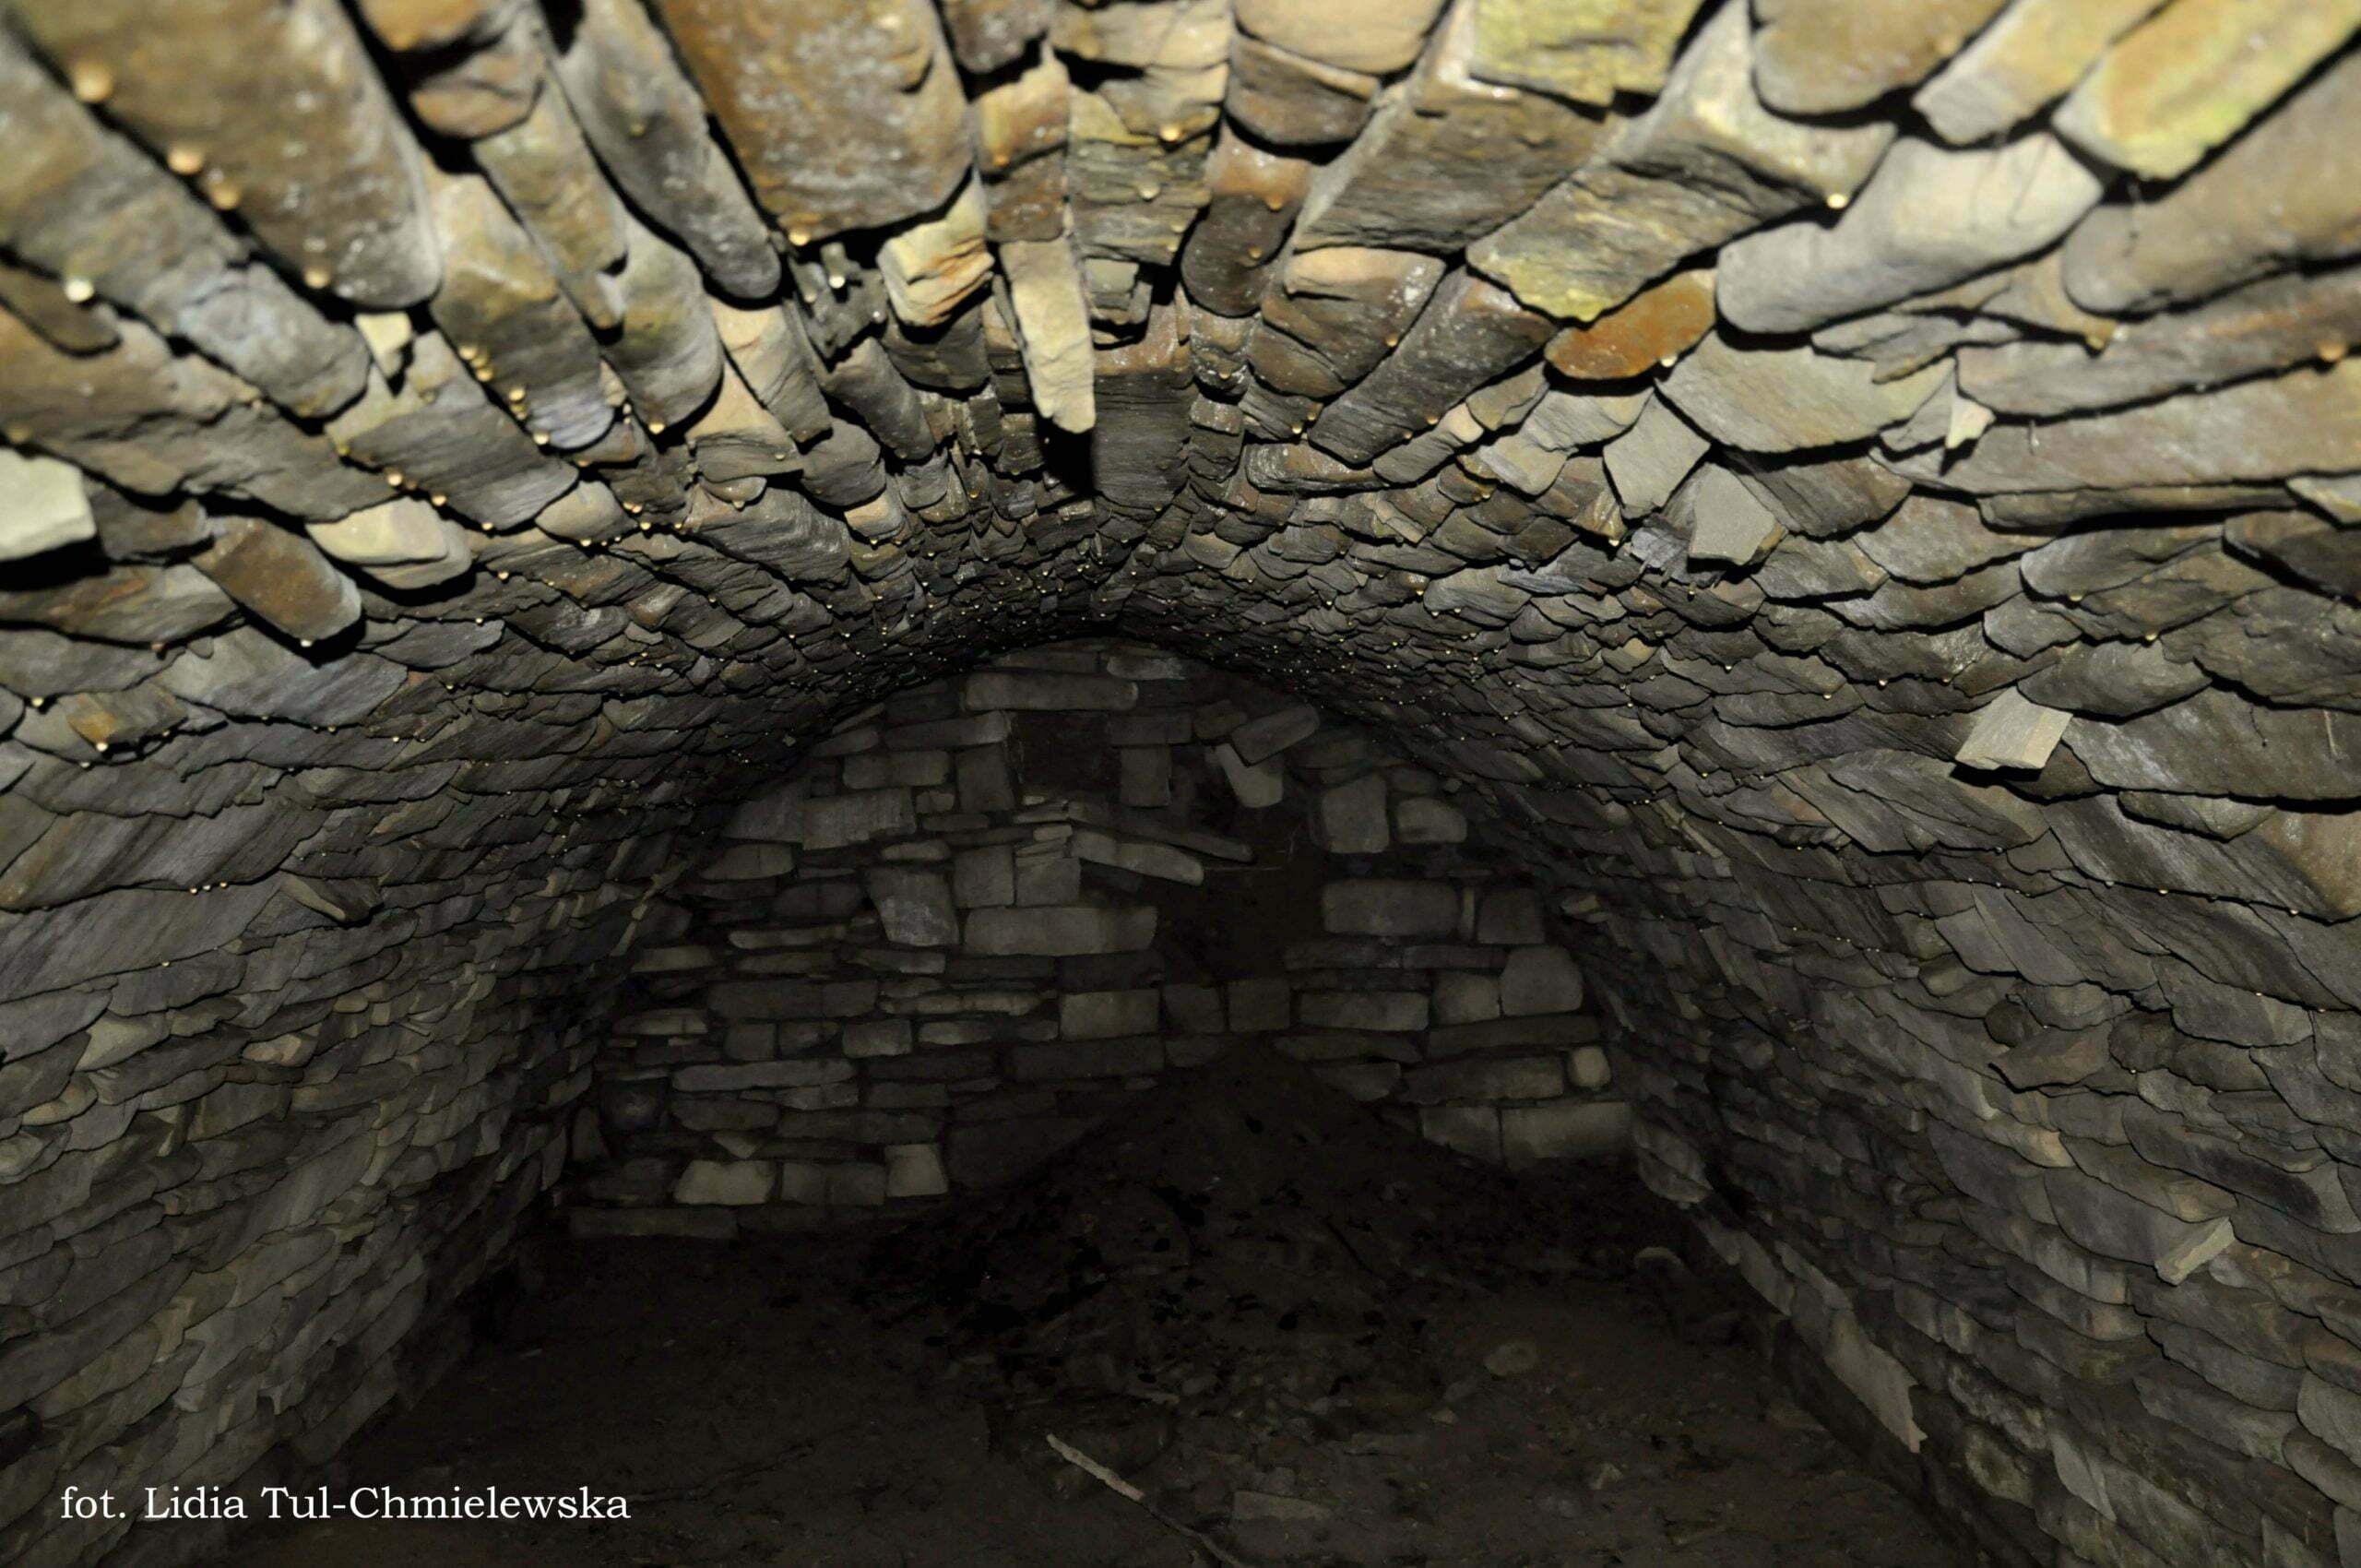 Jedna z wielu piwnic dośc dobrze zachowana Tworylczyk fot. Lidia Tul-Chmielewska